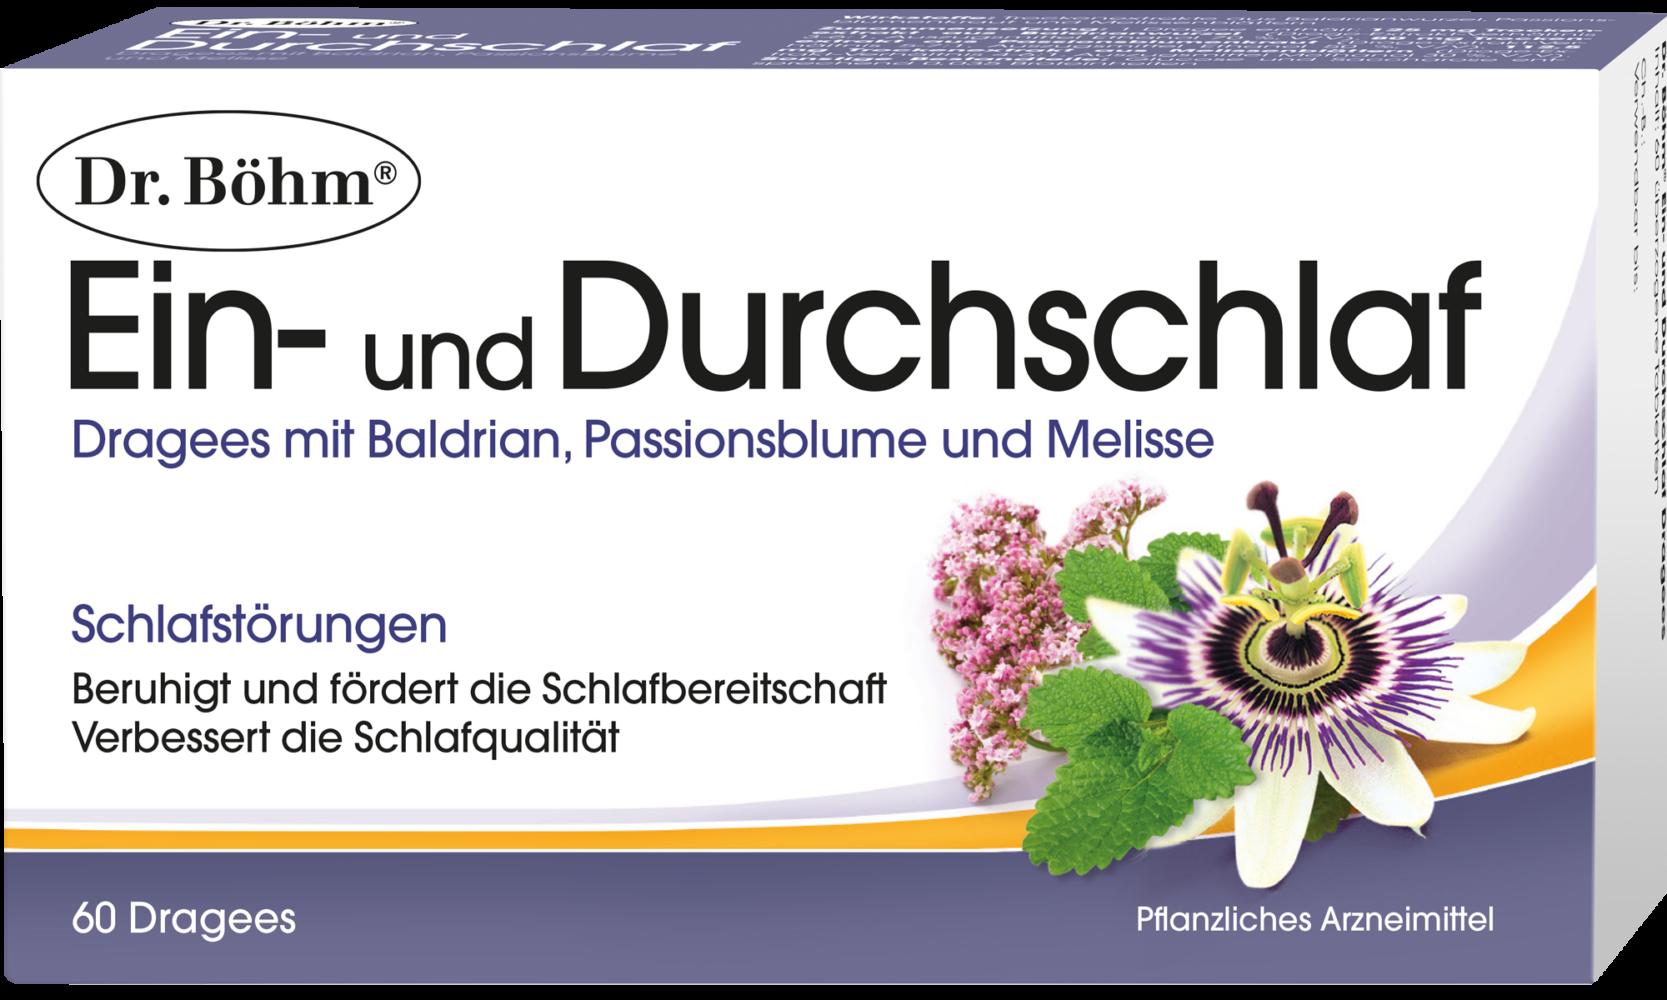 Dr. Böhm® Ein- und Durchschlaf; 60 Dragees; Pflanzliches Arzneimittel